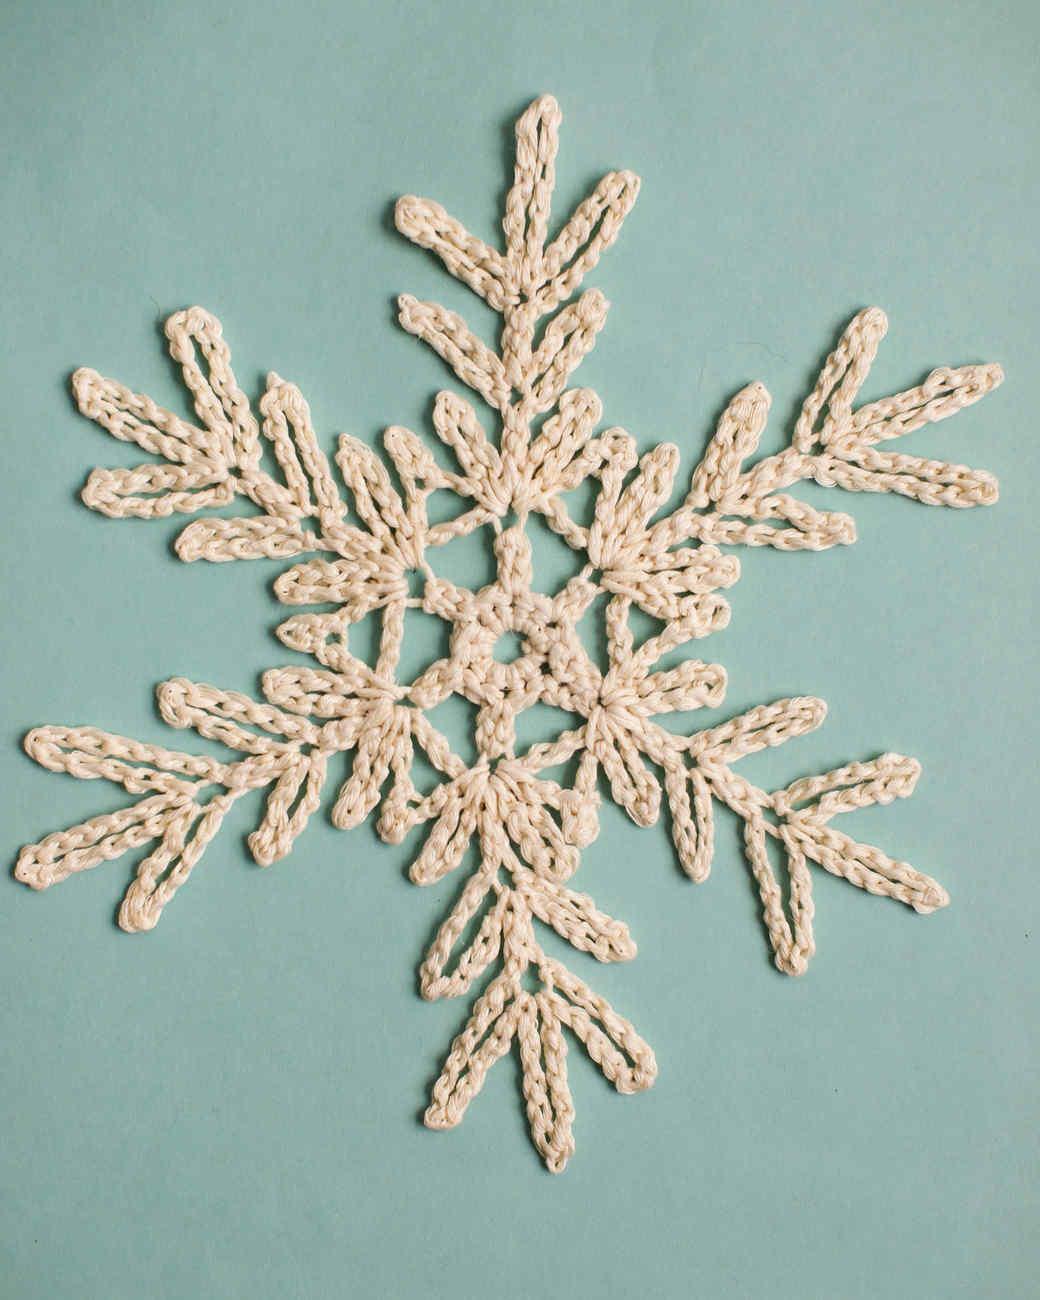 tree branch-like crochet snowflake pattern 4